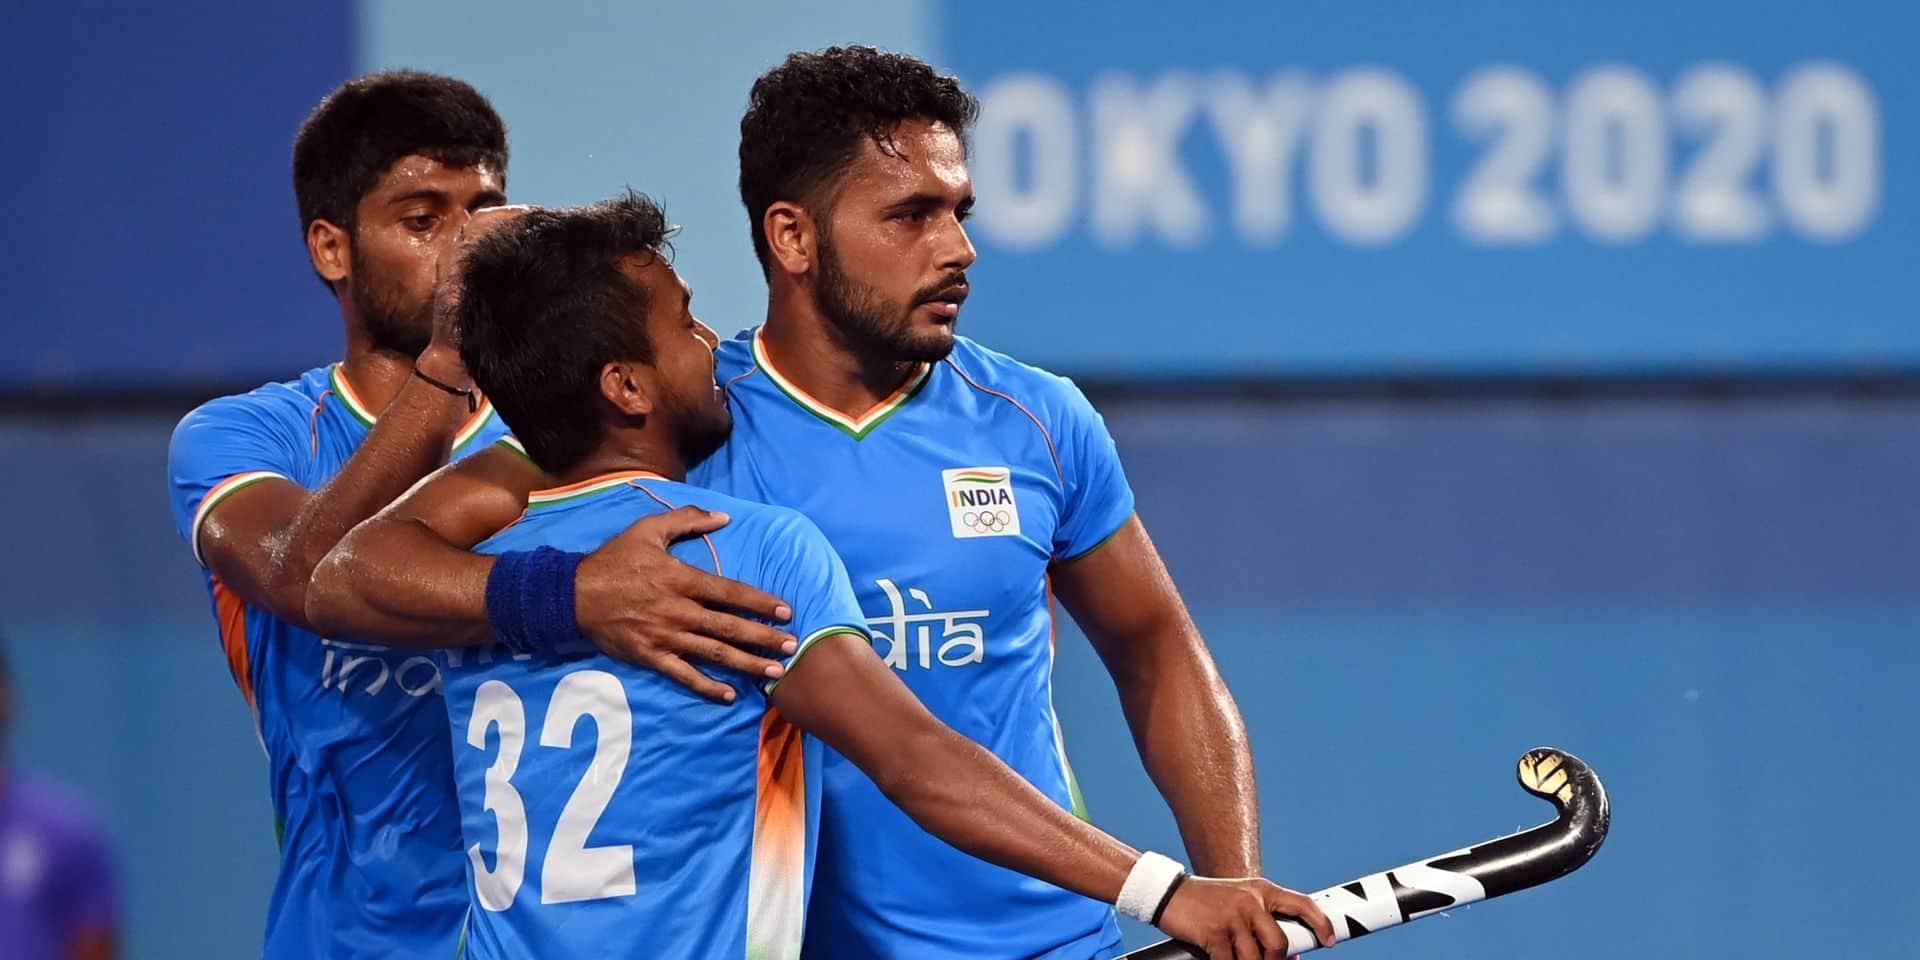 Incroyable: les Red Lions pas récompensés de leur titre olympique, l'Inde rafle tous les trophées aux FIH Hockey Star Awards